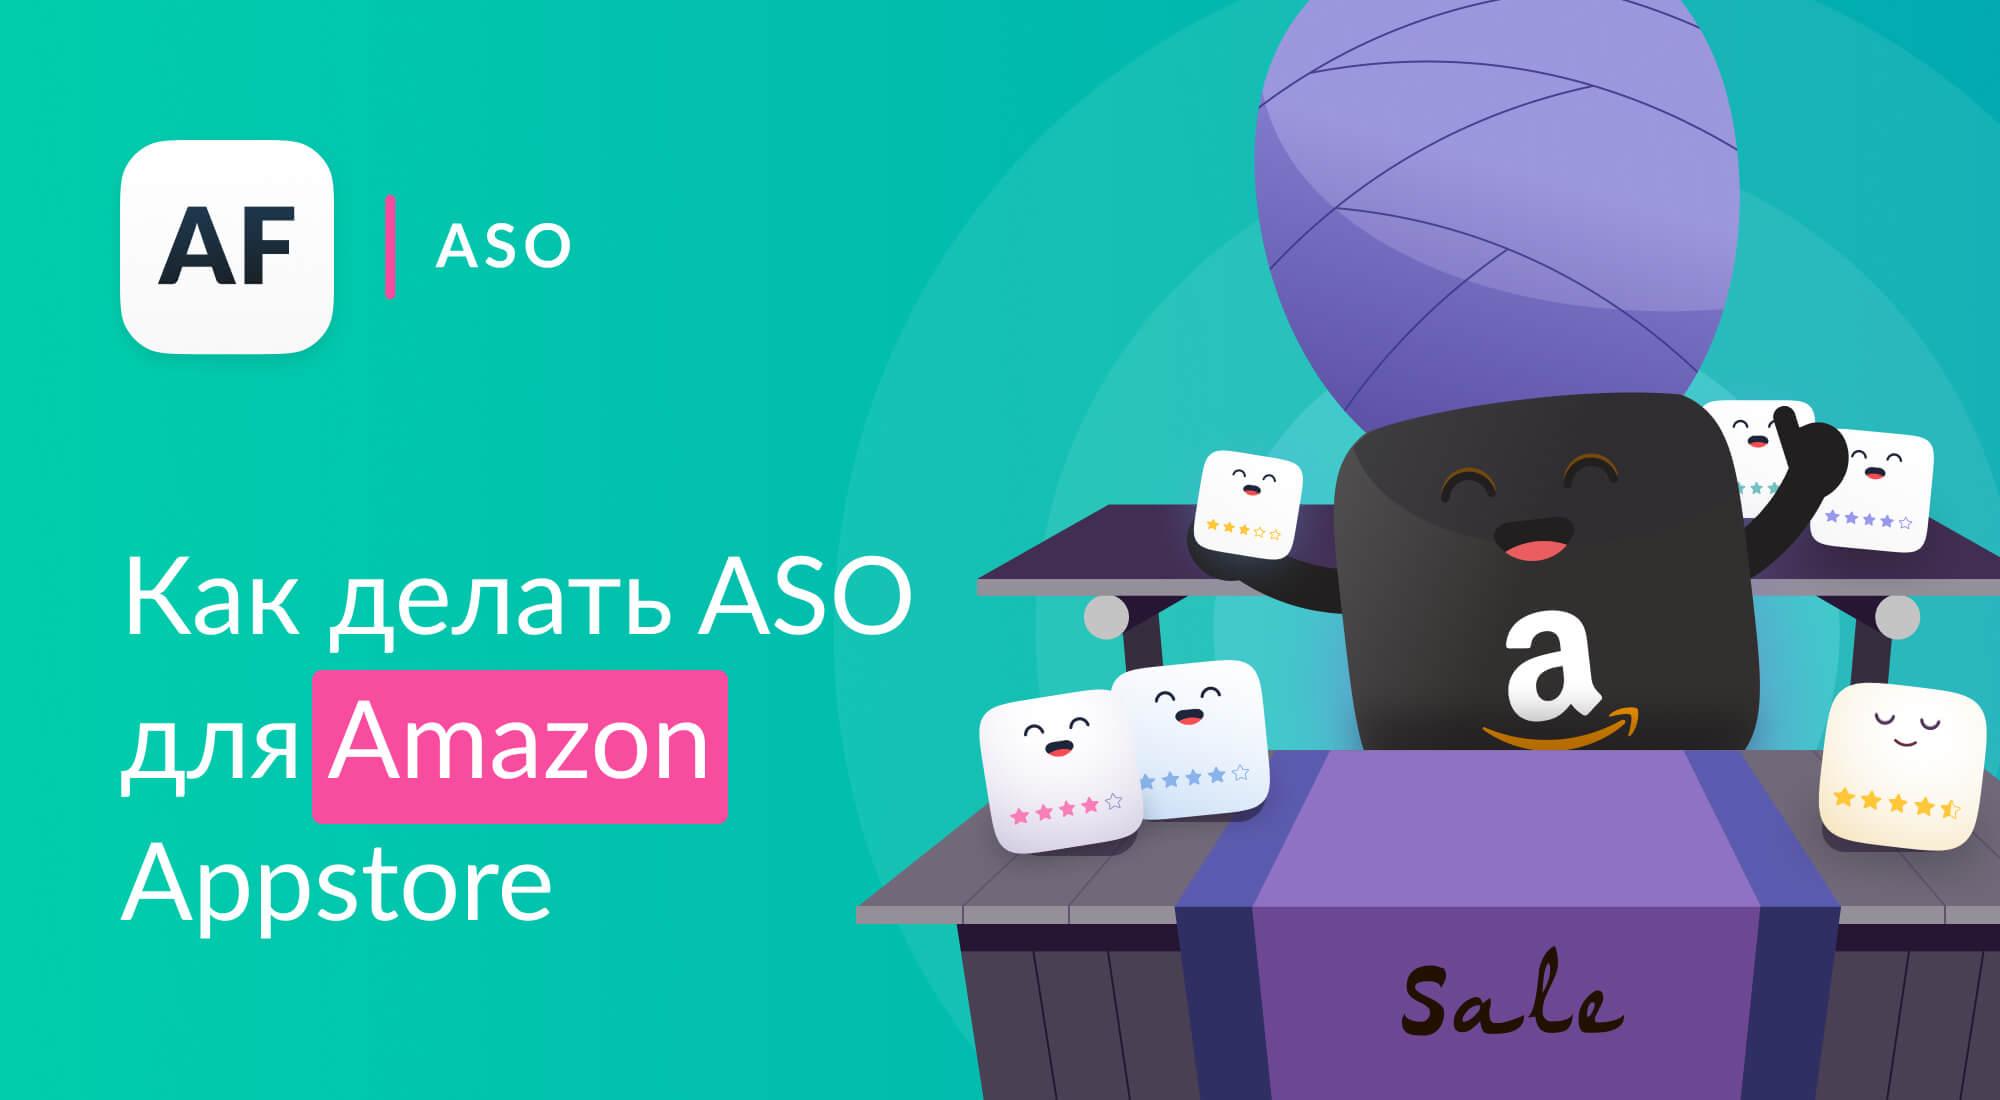 ASO для Amazon Appstore: с чего начать